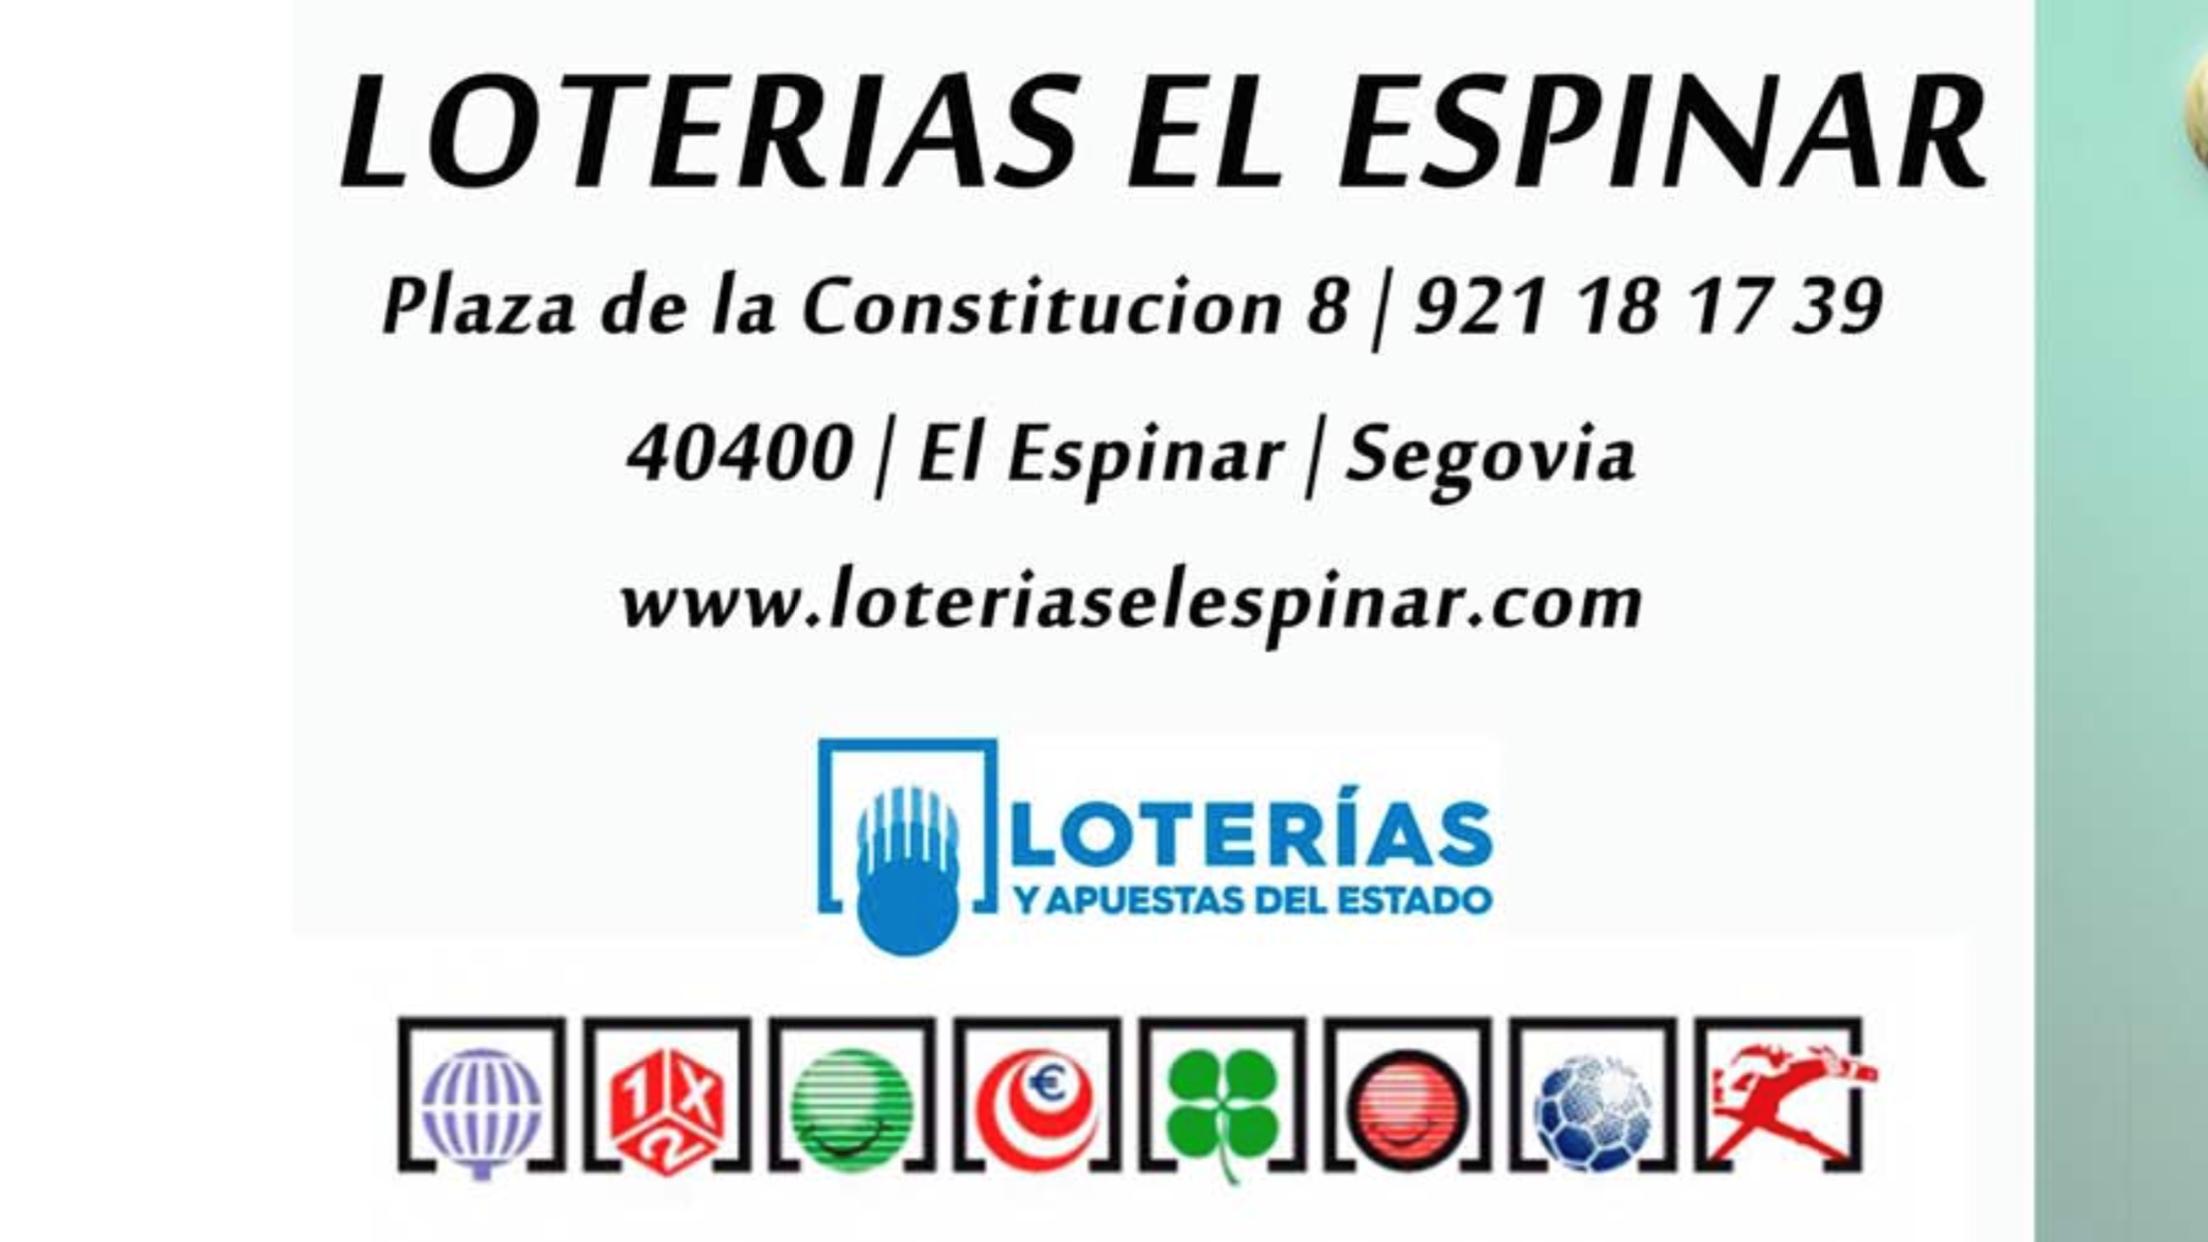 Loterías El Espinar